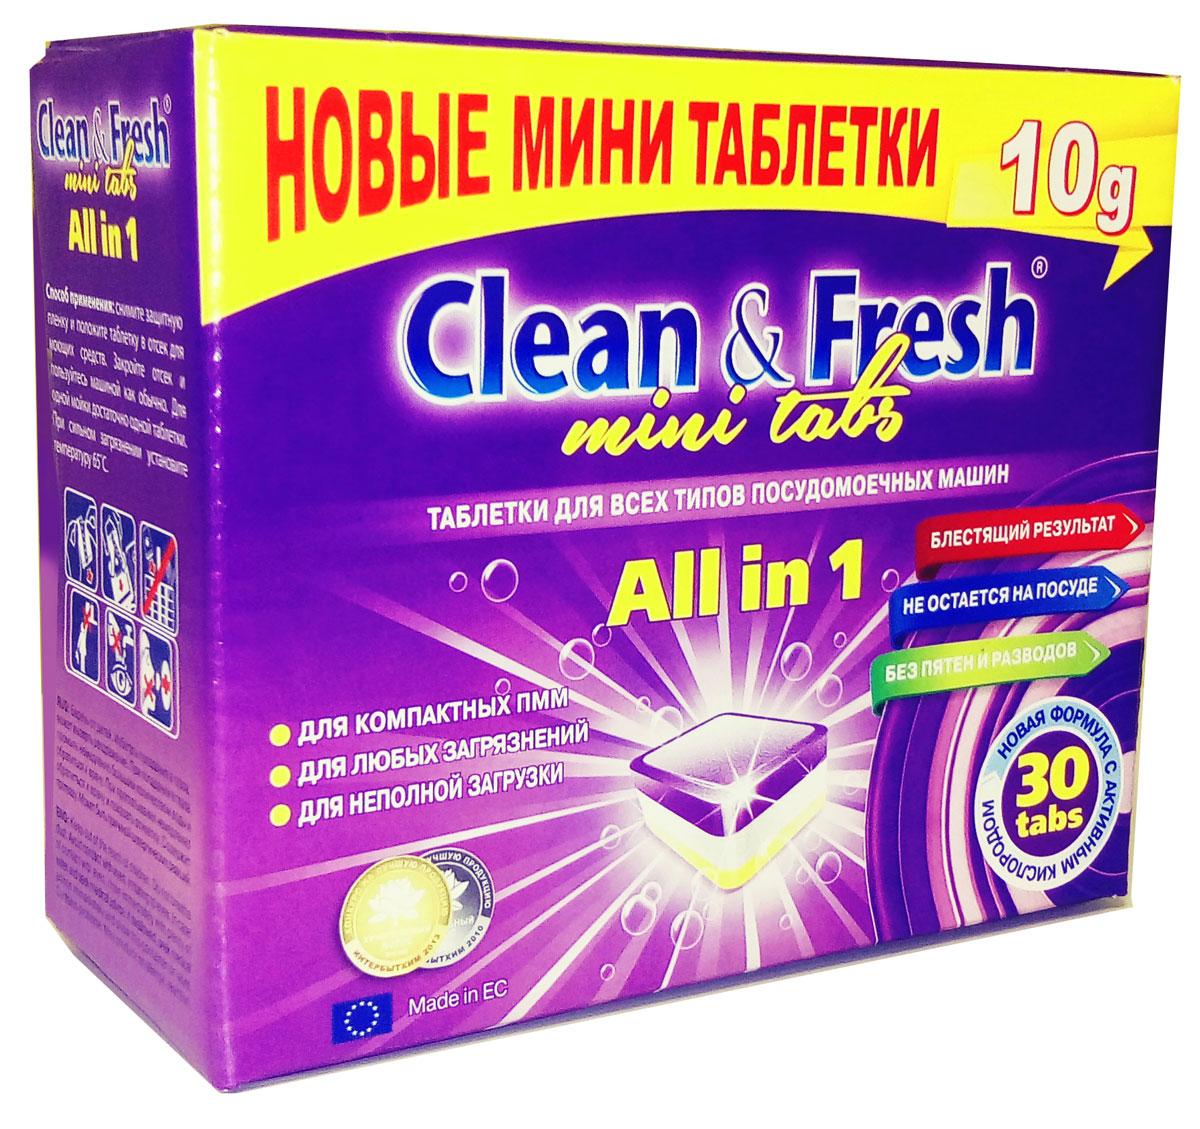 Таблетки для посудомоечной машины Clean & Fresh All in 1, 30 шт4660002311106Рекомендовано для компактных посудомоечных машин или для неполной загрузки посудомоечной машины. Теперь не нужно делить таблетки пополам. Все функции в одном. Оптимальный состав мини таблеток обеспечивает идеальный результат мойки посуды: растворяют жиры и придают блеск; не оставляют химикатов на посуде; без навязчивого химического запаха, при открытии посудомойки; не содержит синтетических ароматизаторов.